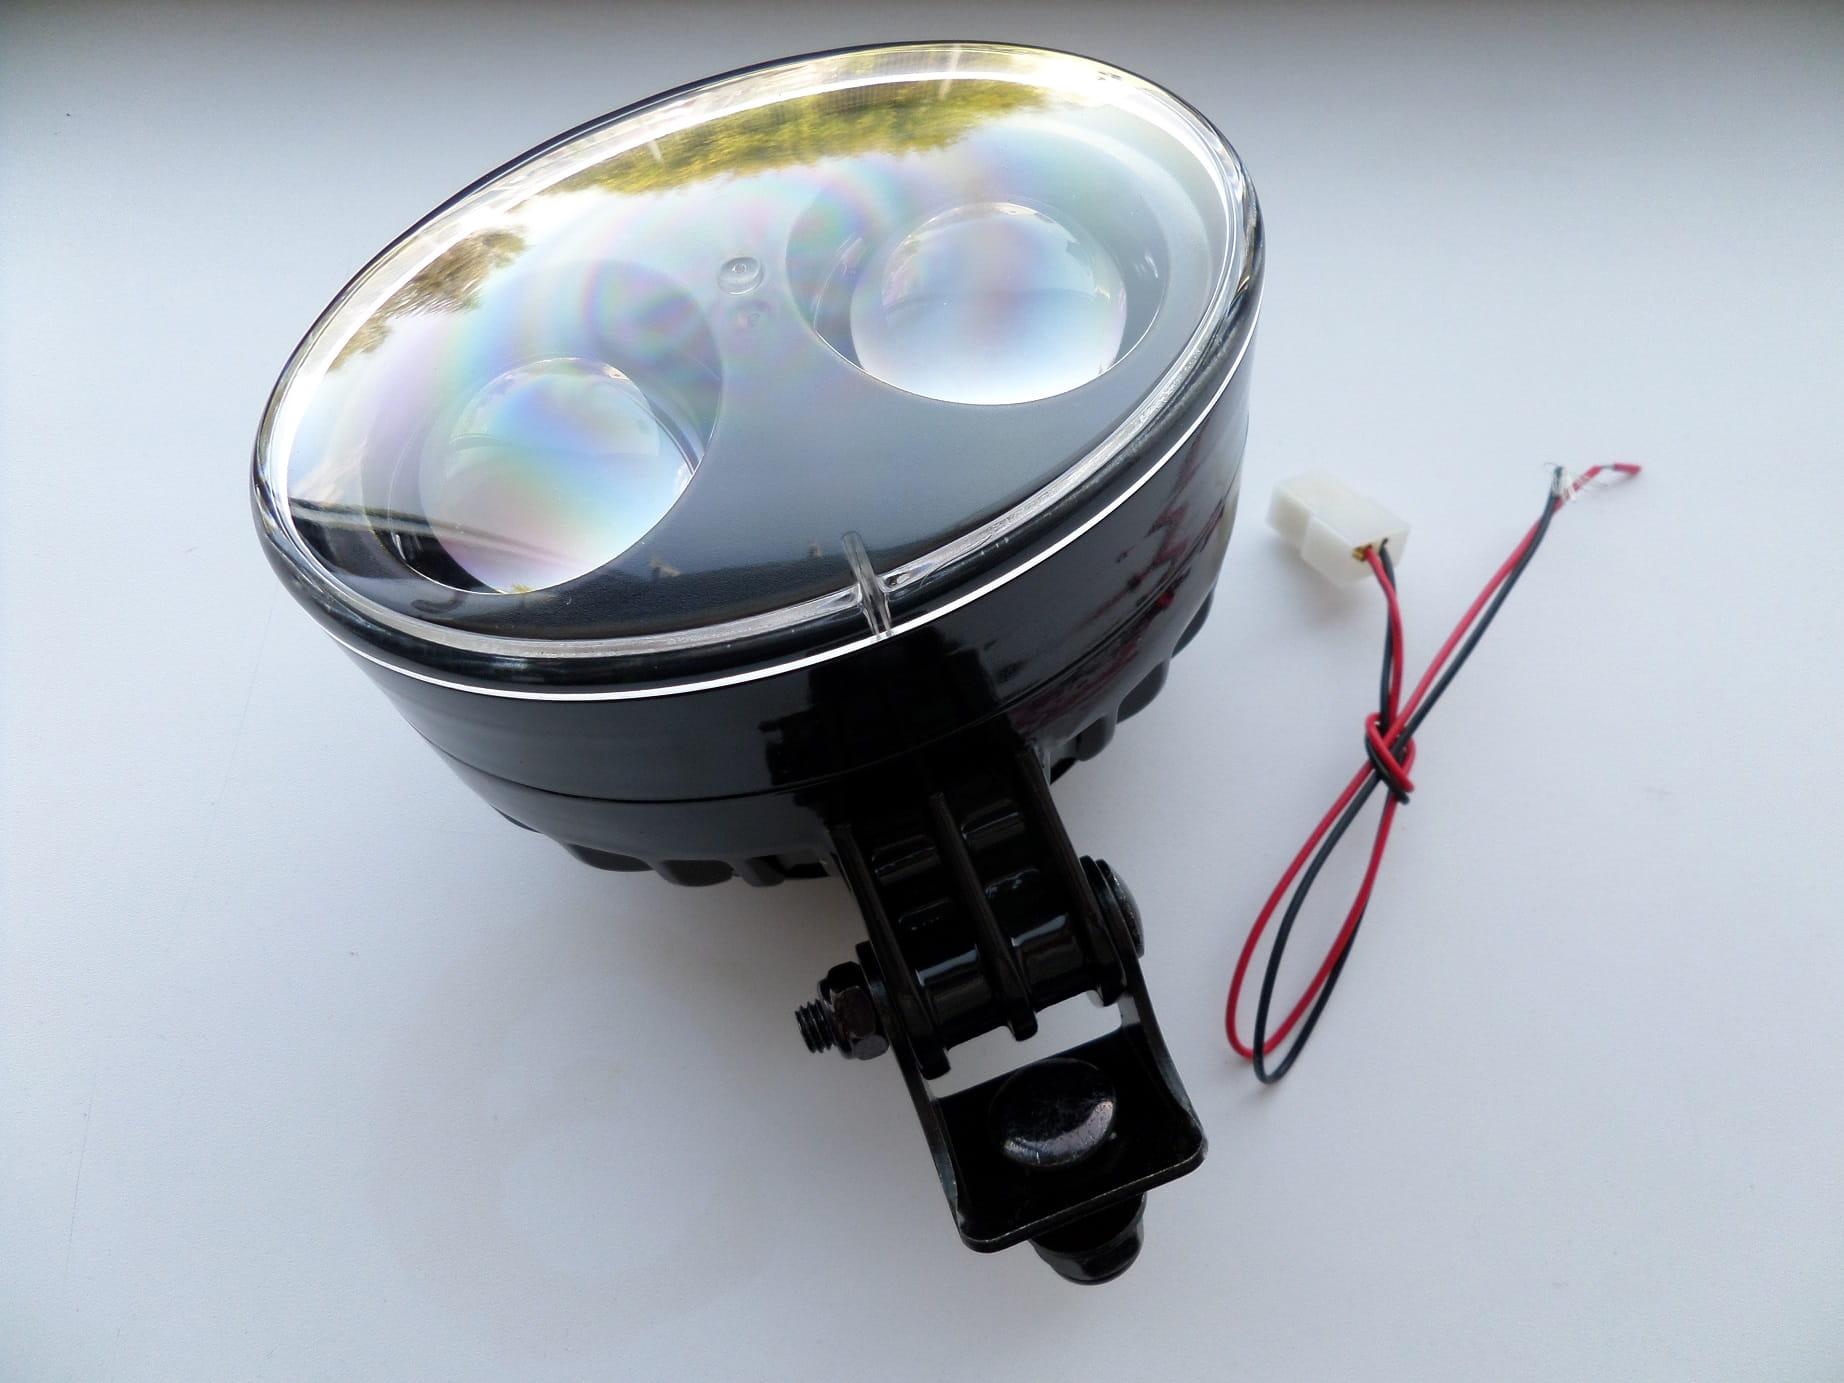 LAMPA OSTRZEGAWCZA BEZPIECZEŃSTWA BLUE SPOT LED купить с доставкой